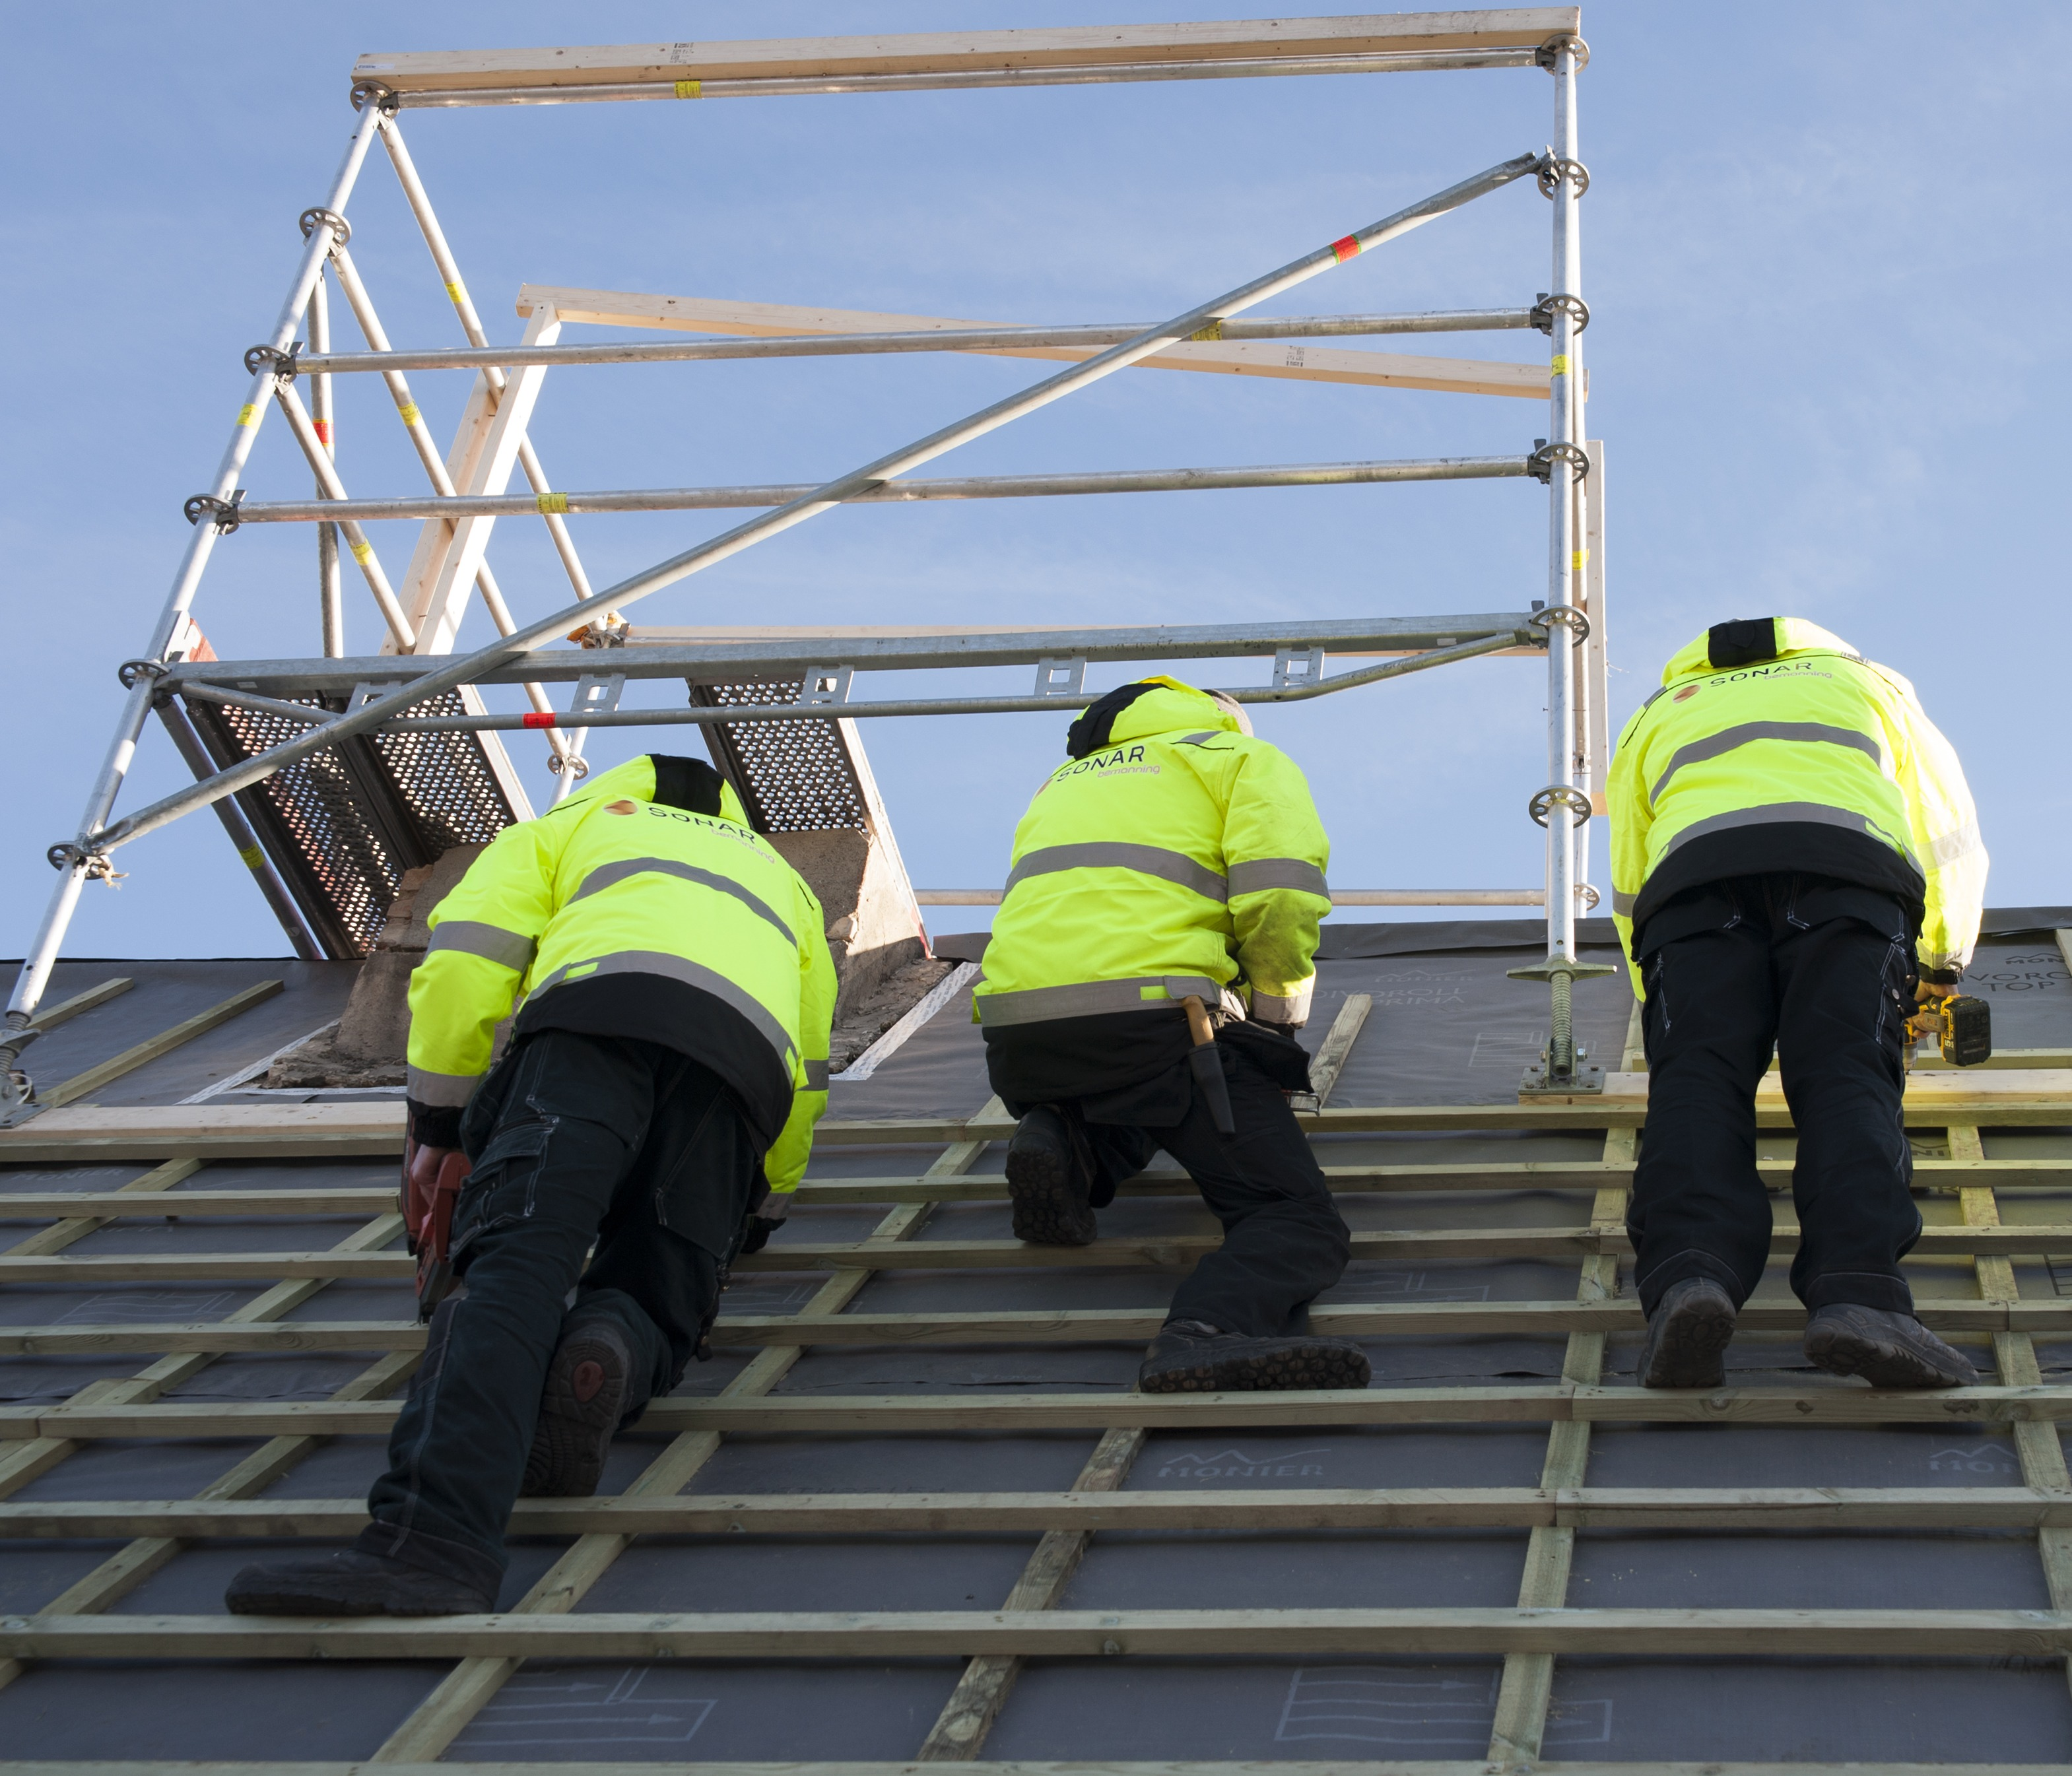 Bilde i froskeperspektiv som viser tre bygningsarbeidere iført gule jakker fra Sonar Bemanning. De befinner seg på toppen av et tak. Over dem er det et stilas.